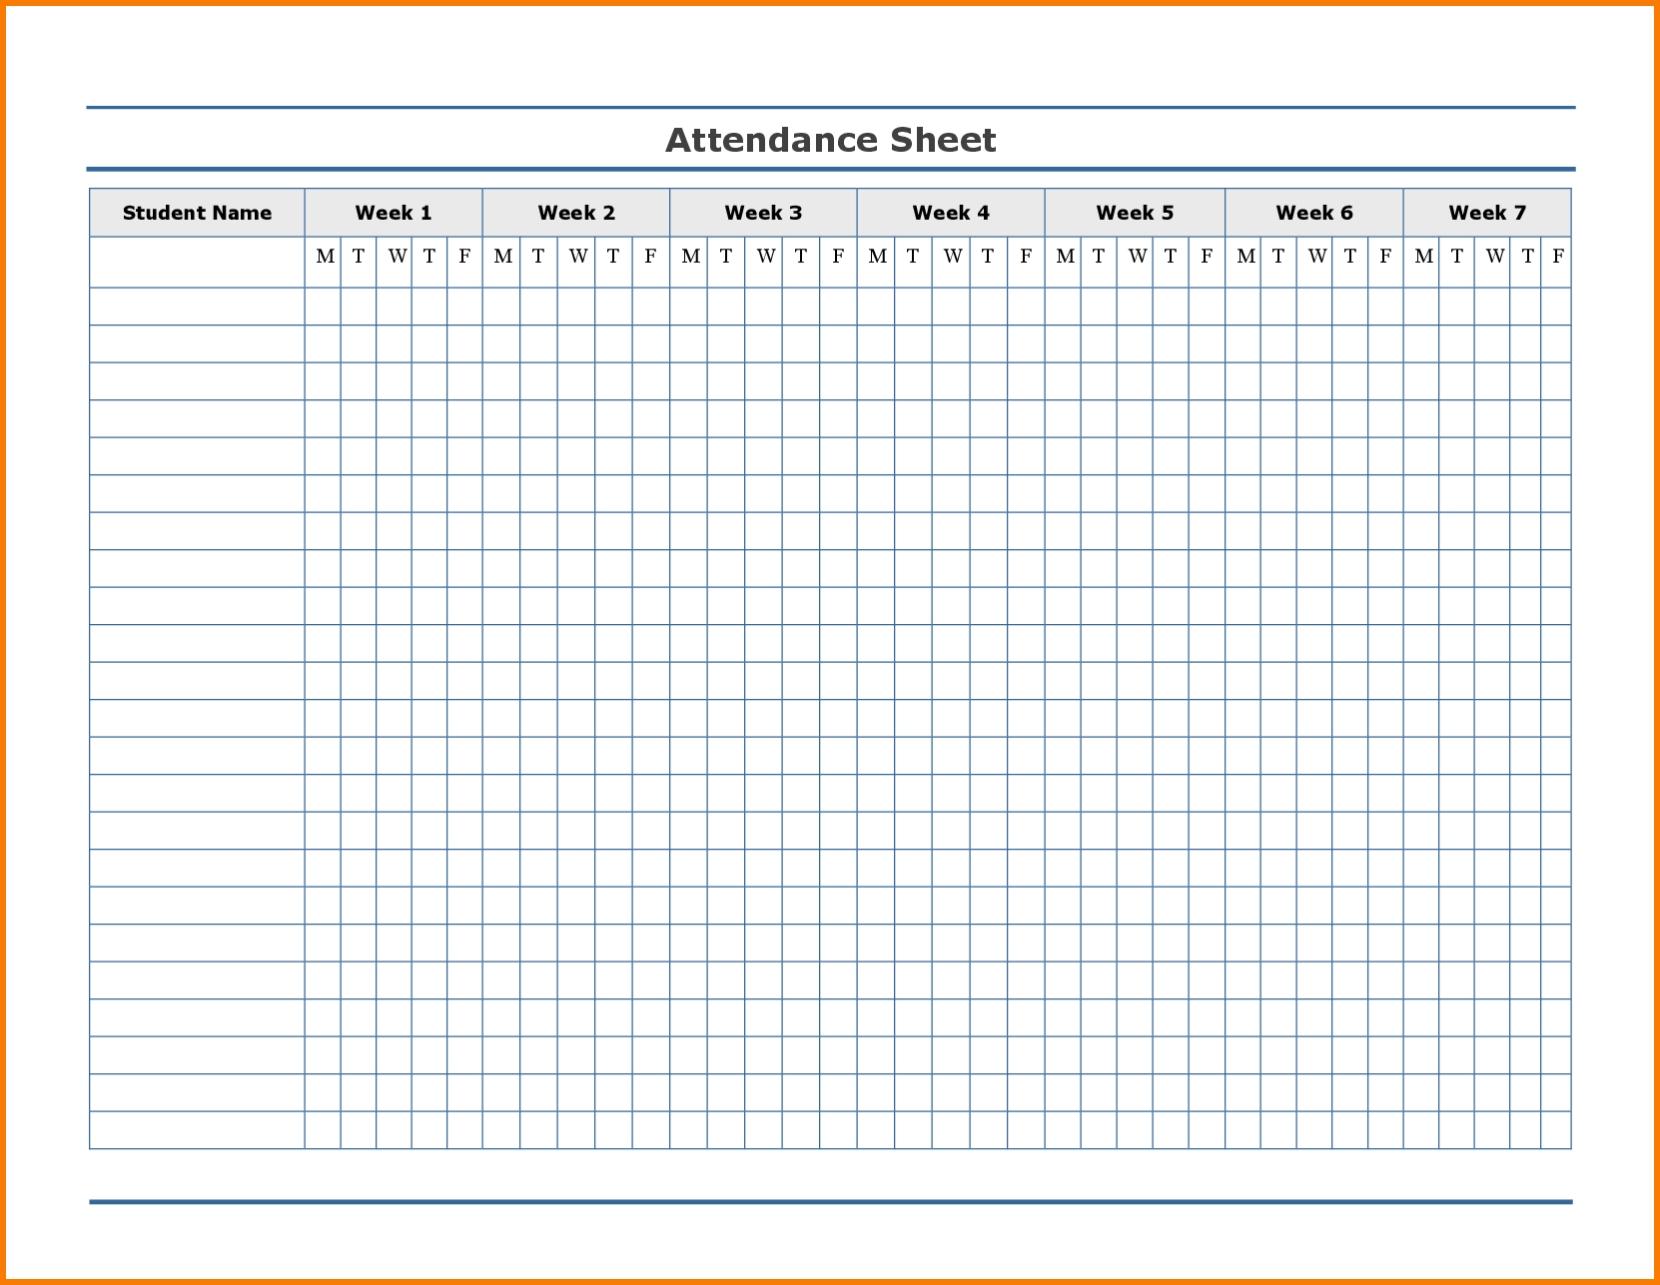 Employee Attendance Excel Sheet | Employee Attendance Sheet  2020 Attendane Tracking Calendar